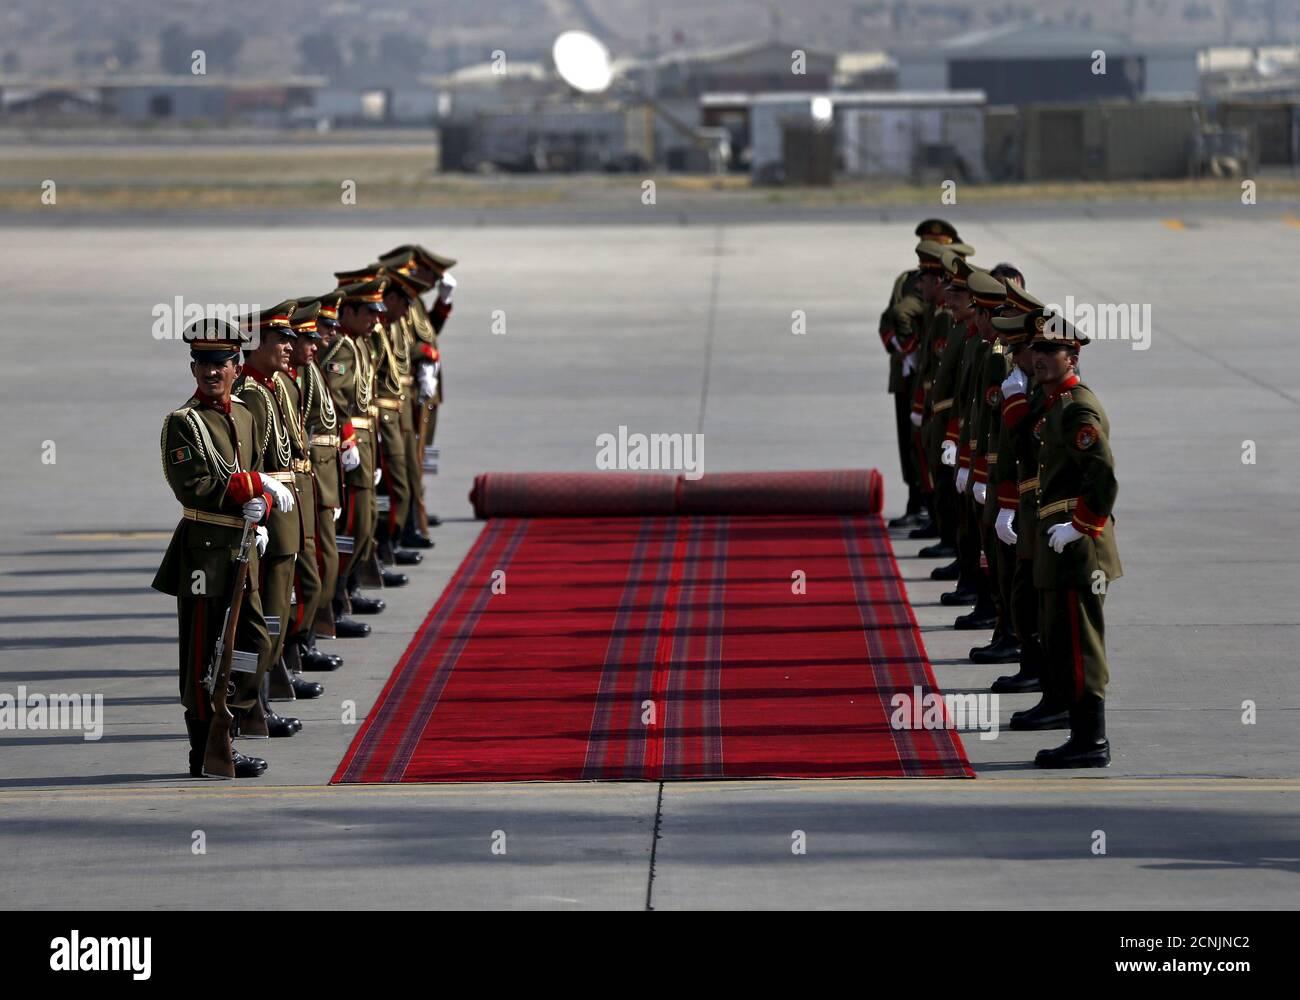 Les membres de la garde d'honneur afghane attendent le président du Turkménistan, Kurbanguly Berdymukhamedov, lors d'une cérémonie d'arrivée à l'aéroport international Hamid Karzaï de Kaboul, en Afghanistan, le 27 août 2015. REUTERS/Mohammad Ismail Banque D'Images